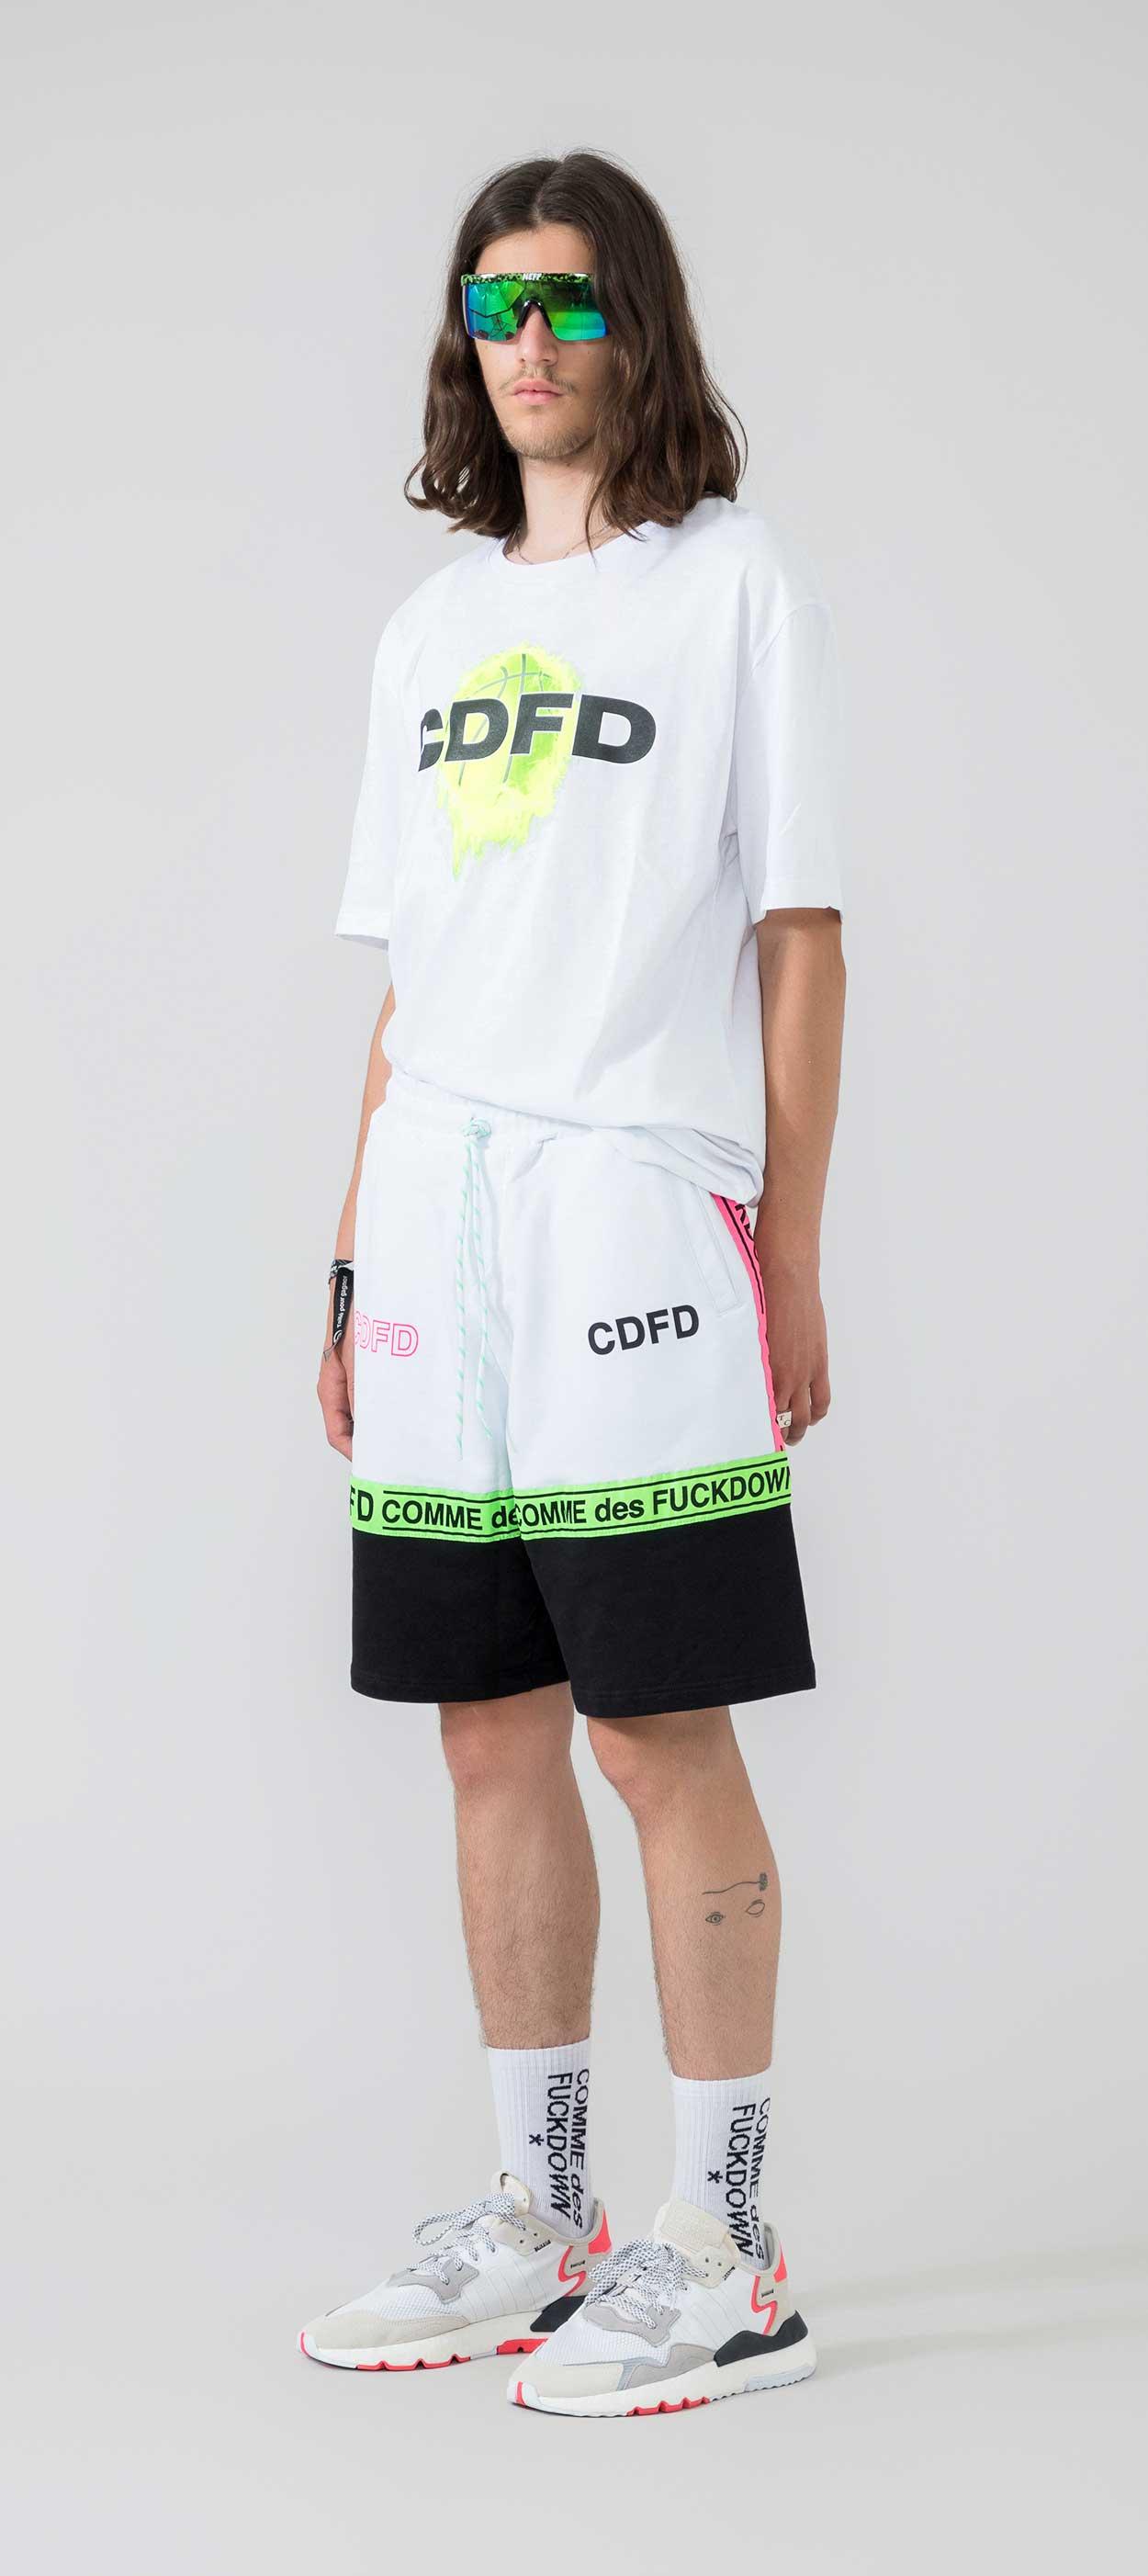 SHORT - CDFU742 - COMME DES FKDOWN